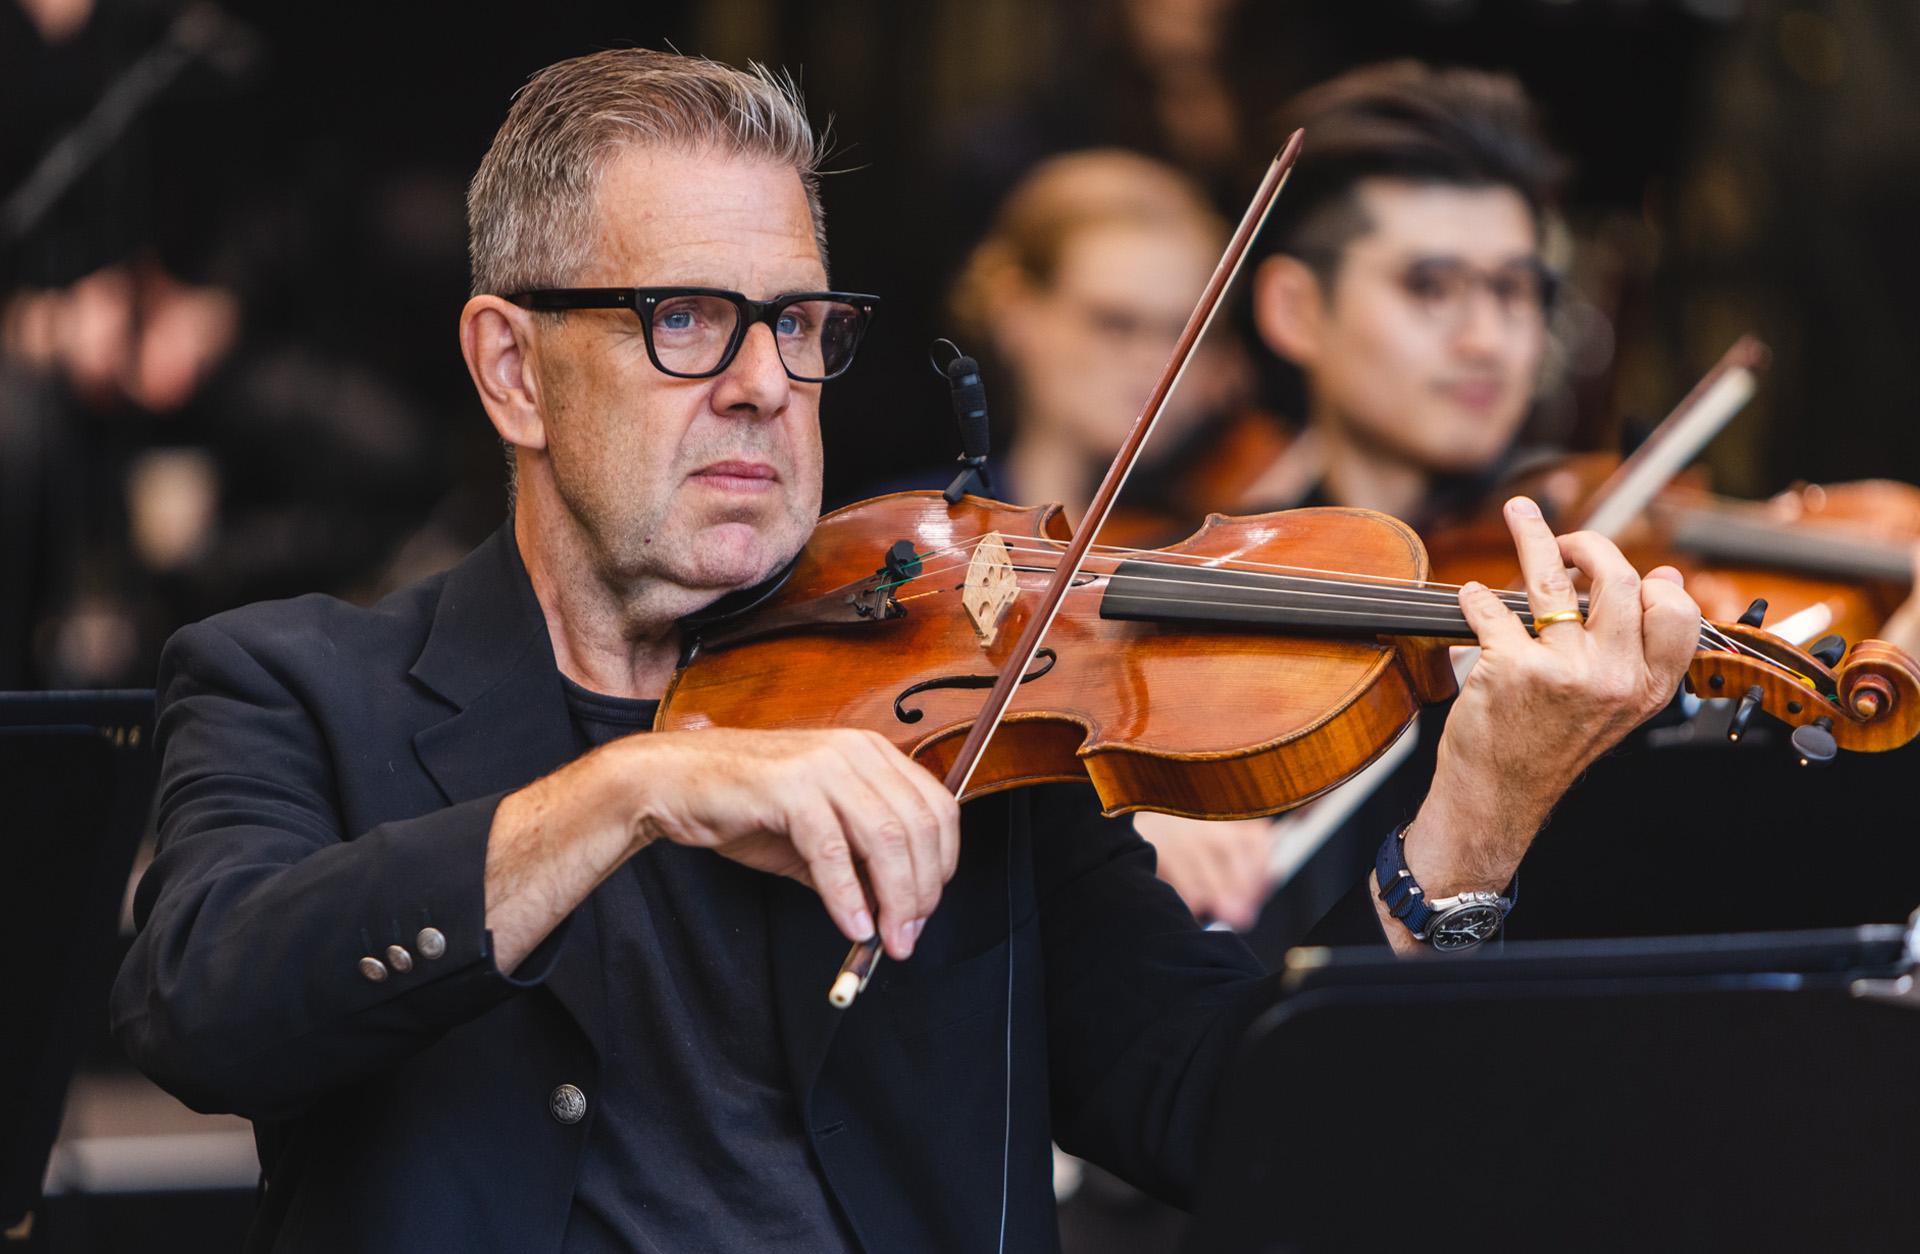 Man med glasögon spelar violin